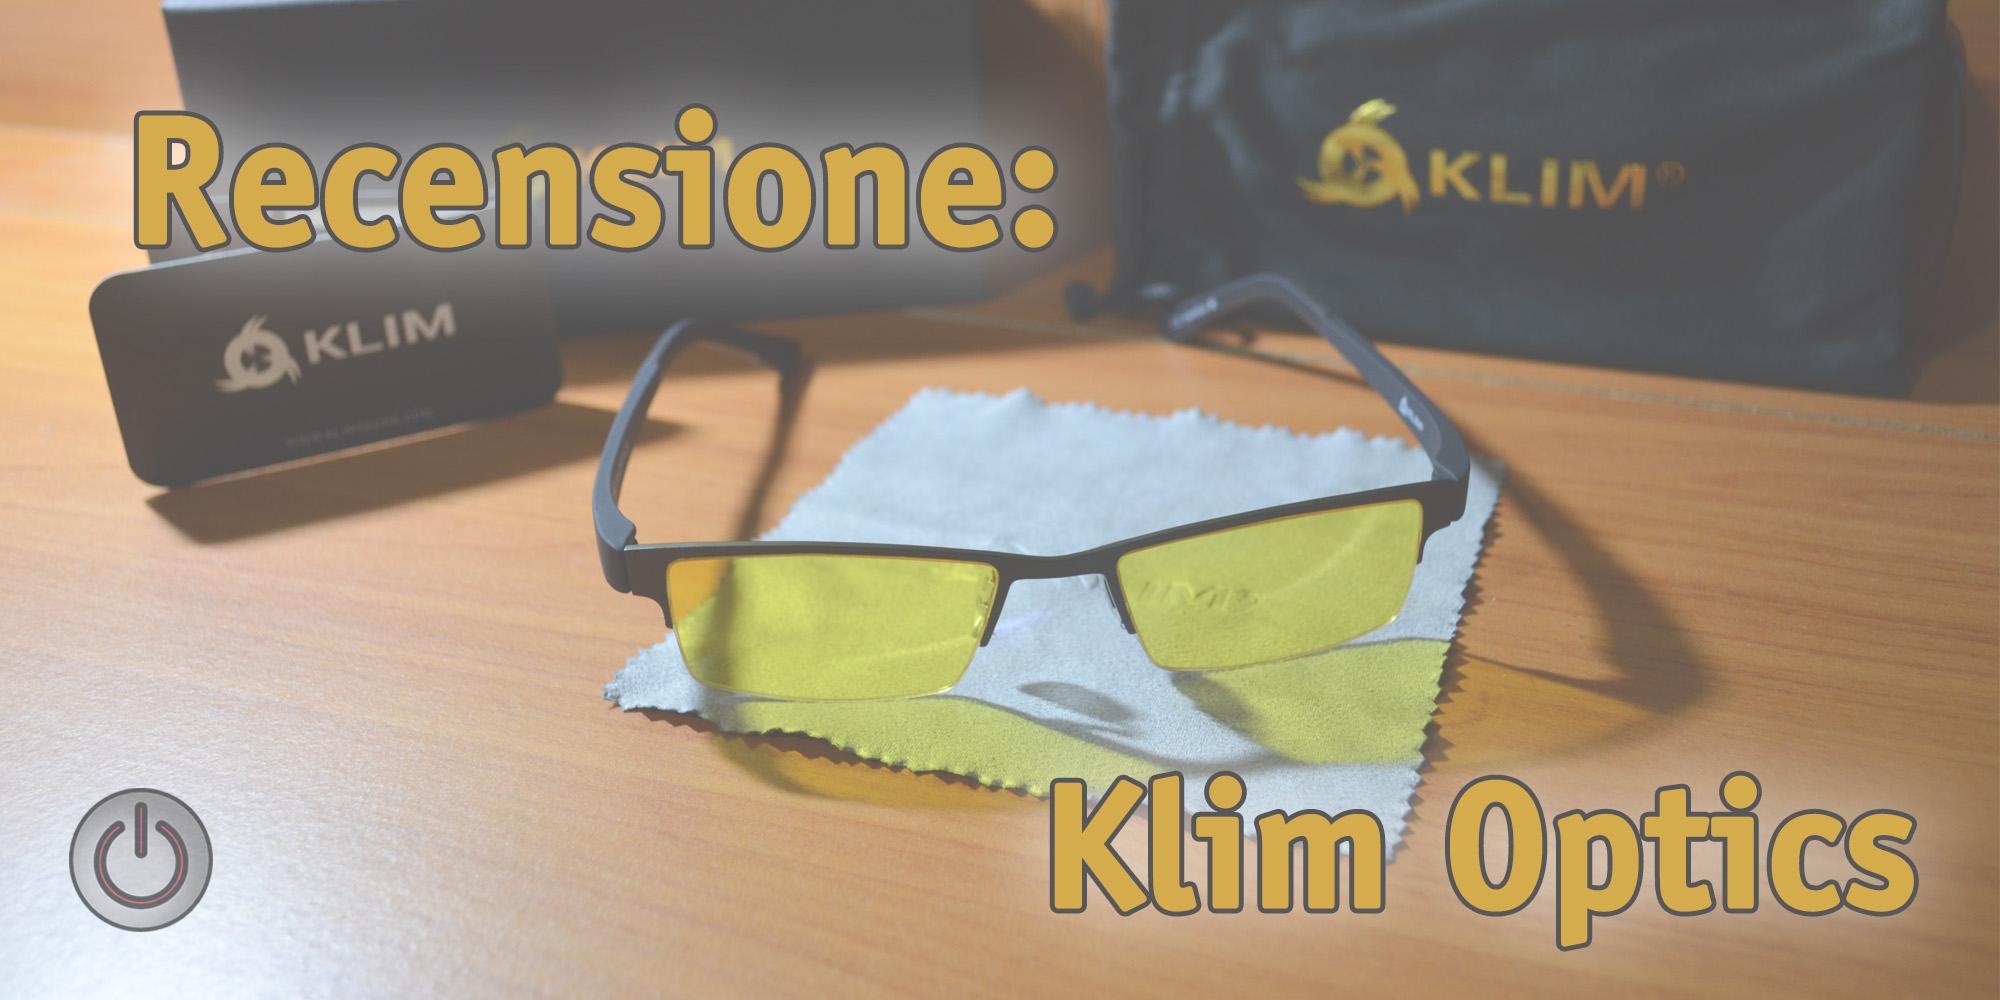 Recensione: Occhiali per PC Klim Optics